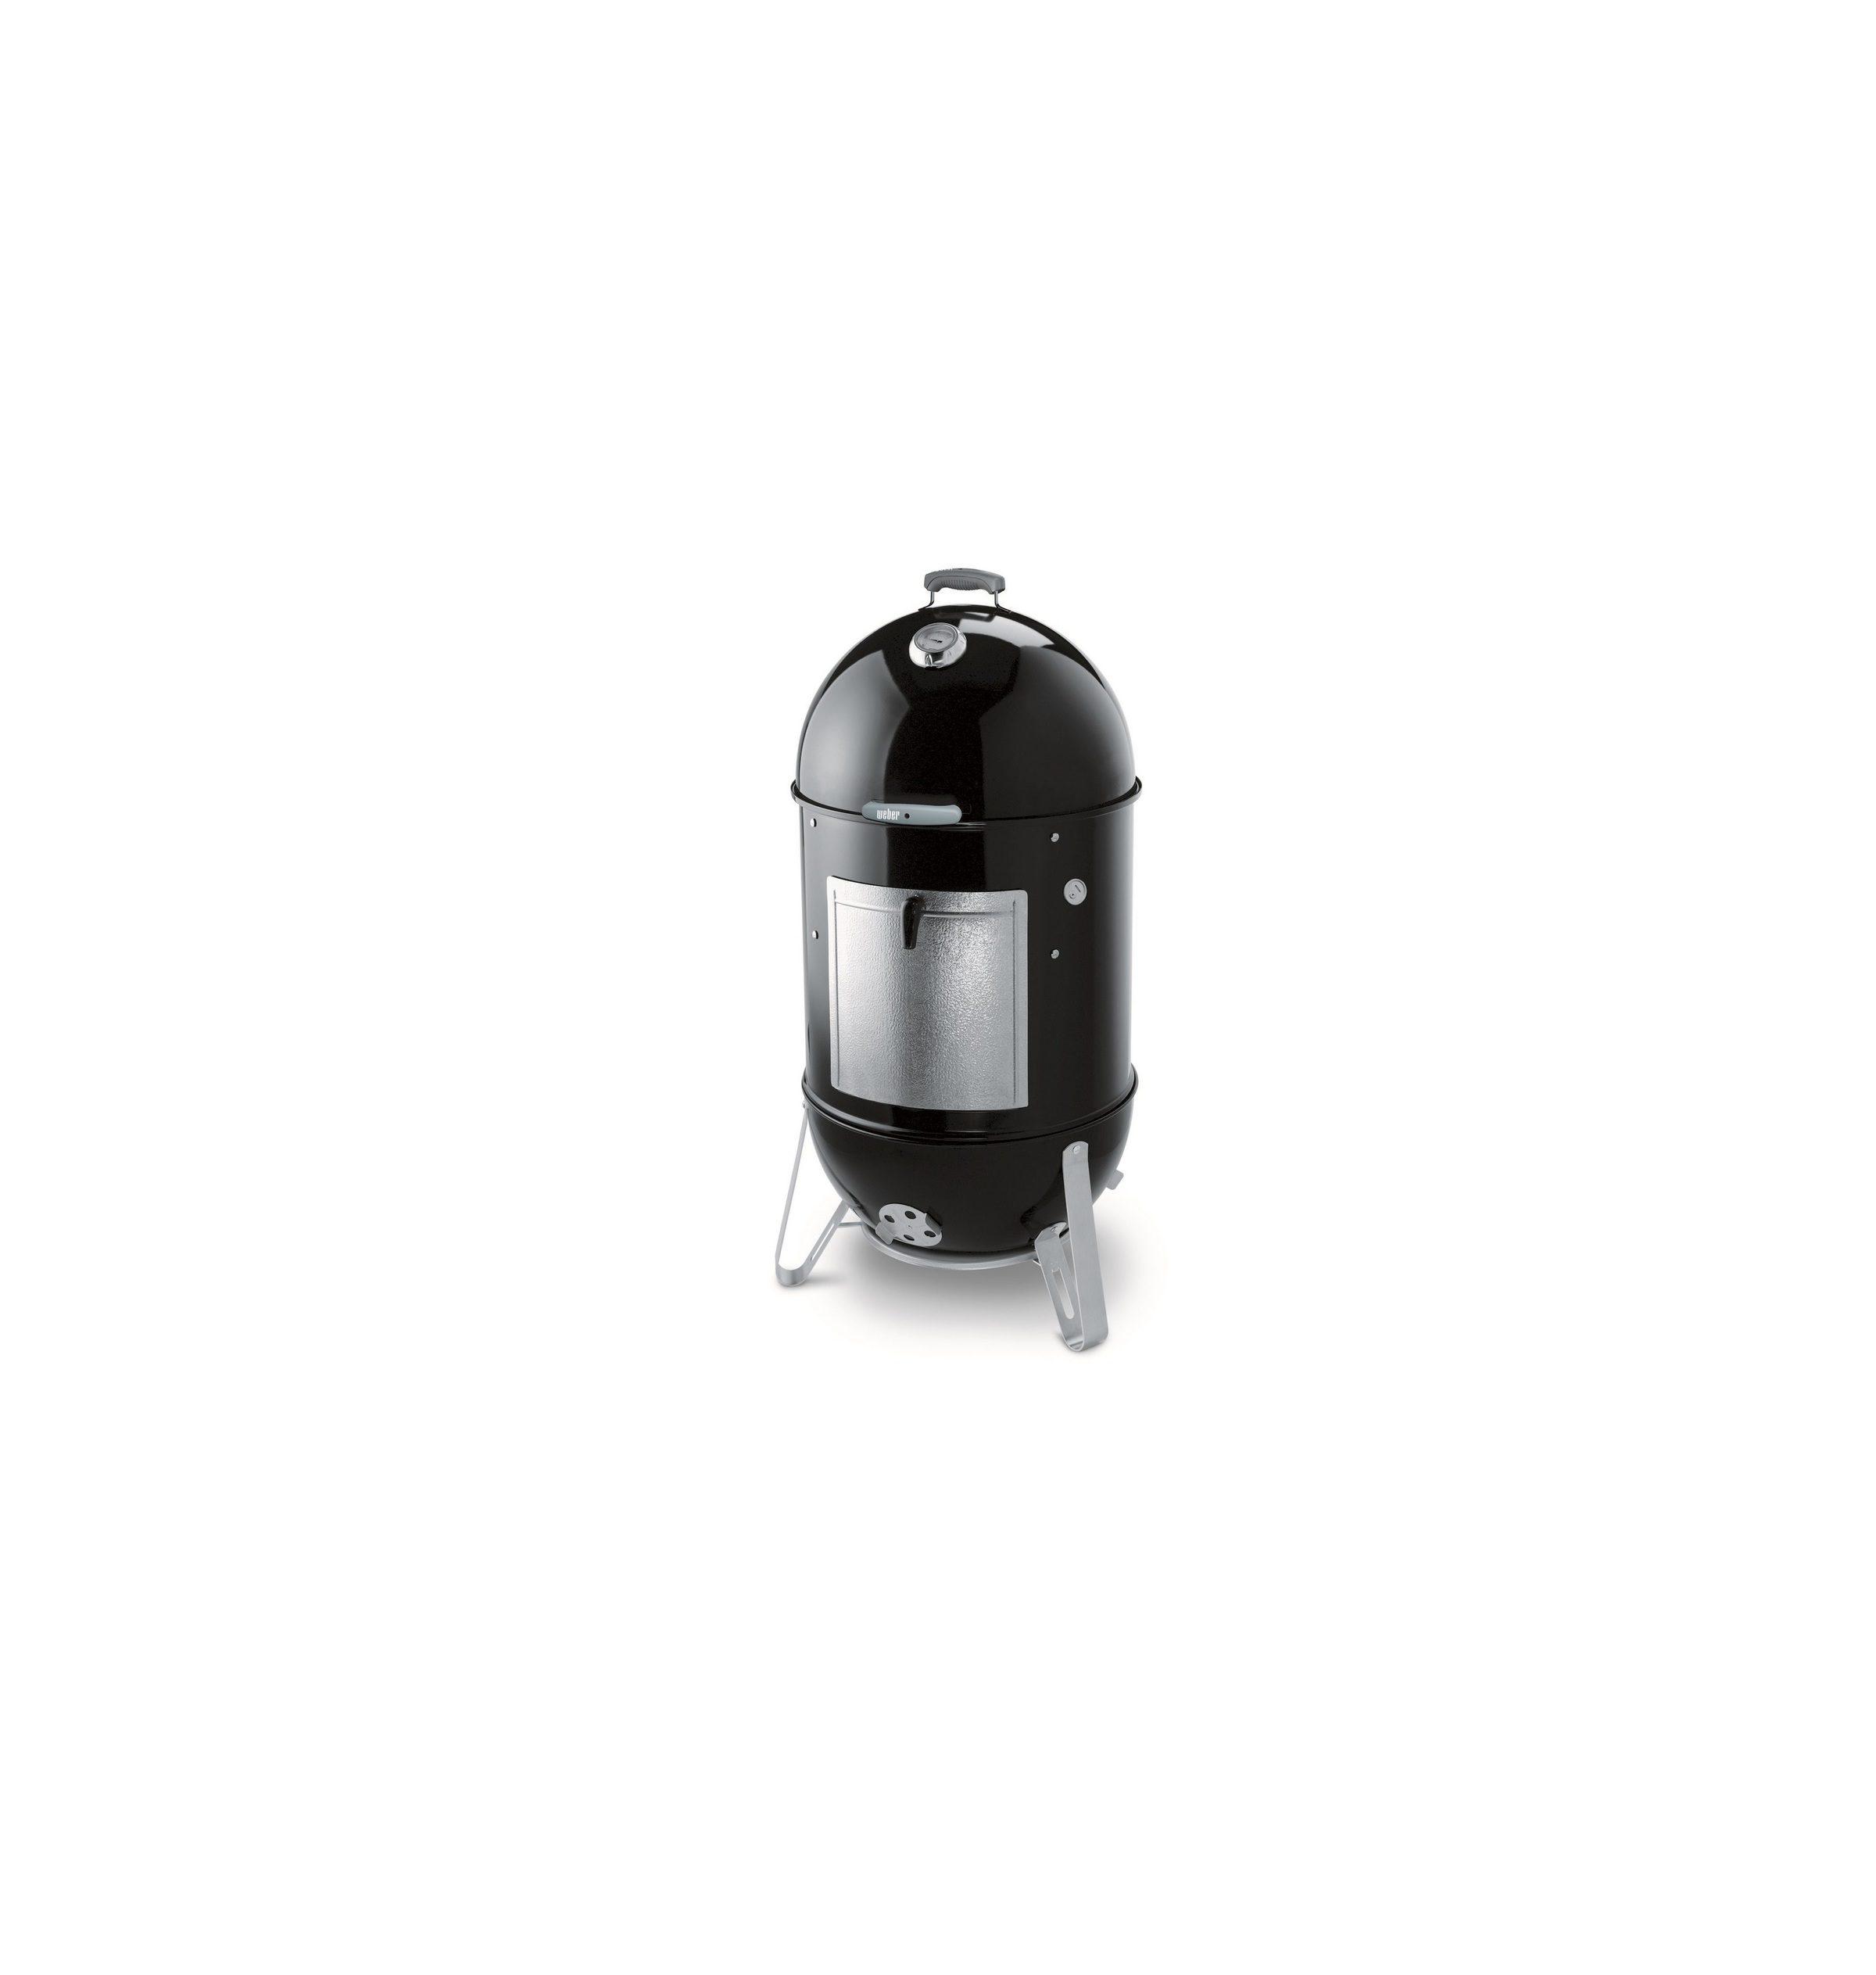 Weber 57Cm Smokey Mountain Cooker 731004